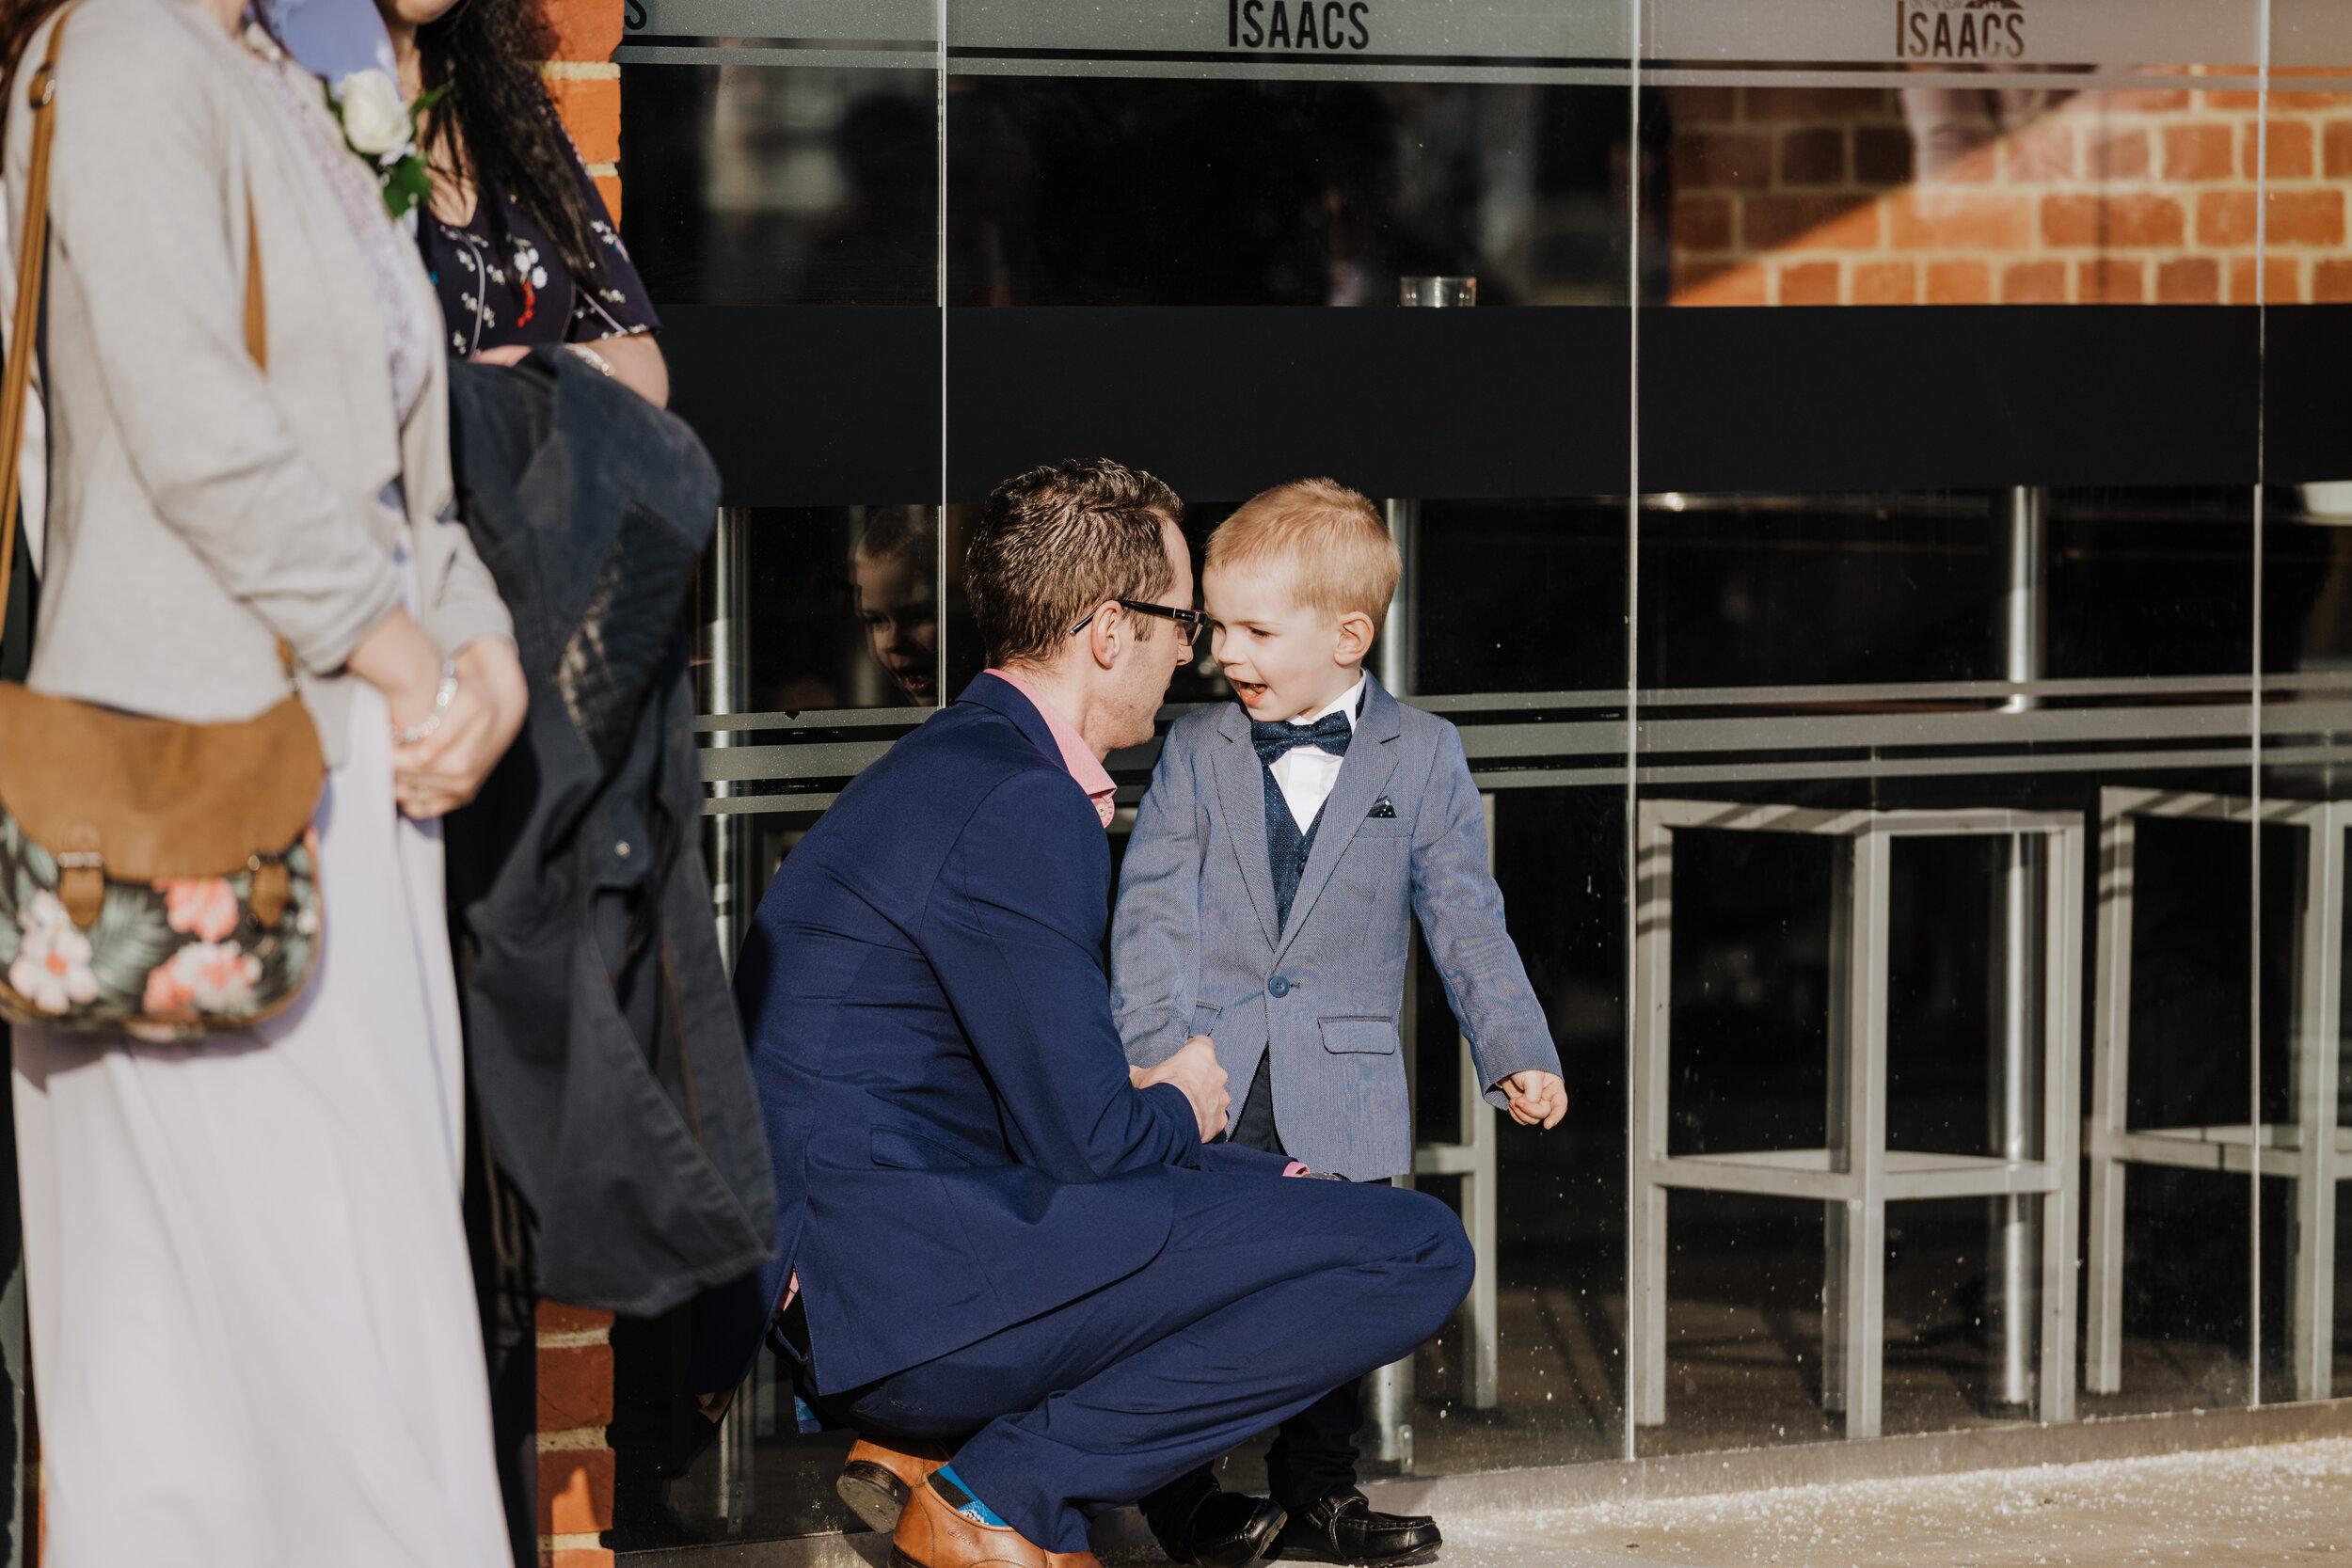 SUFFOLK_WEDDING_PHOTOGRAPHY_ISAACS_WEDDING_VENUE_WEDDINGPHOTOGRAPHERNEARME_iPSWICHWEDDINGPHOTOGRAPHER (49).jpg